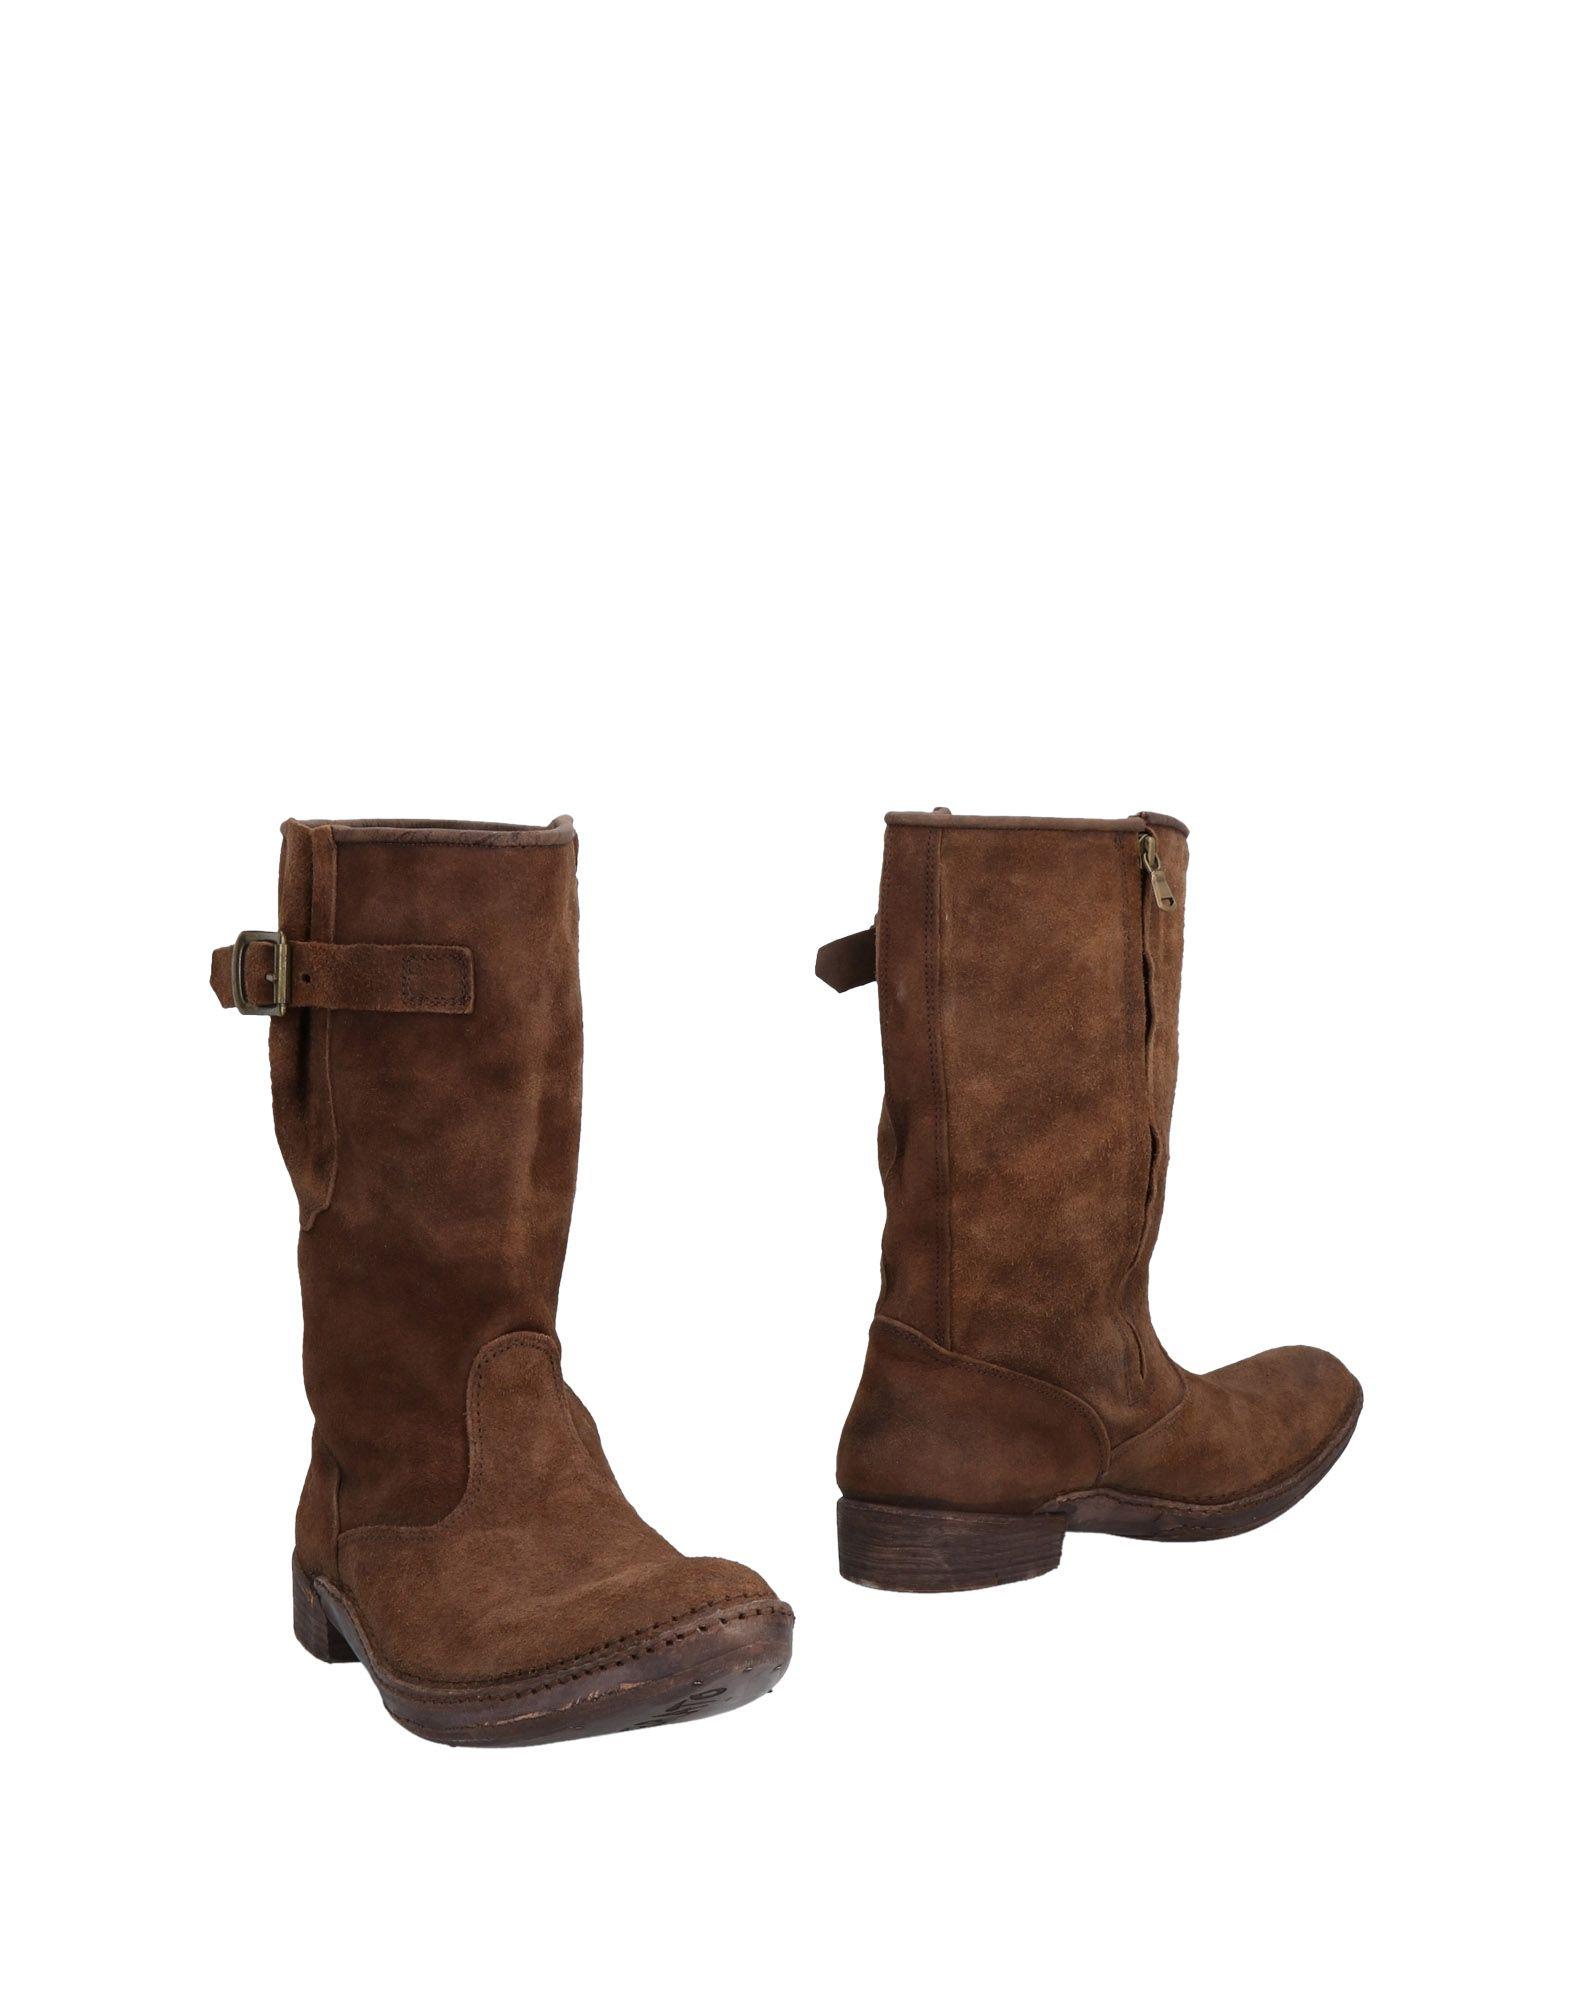 Giorgio Brato Stiefelette Qualität Herren  11461657HH Gute Qualität Stiefelette beliebte Schuhe 95ed99